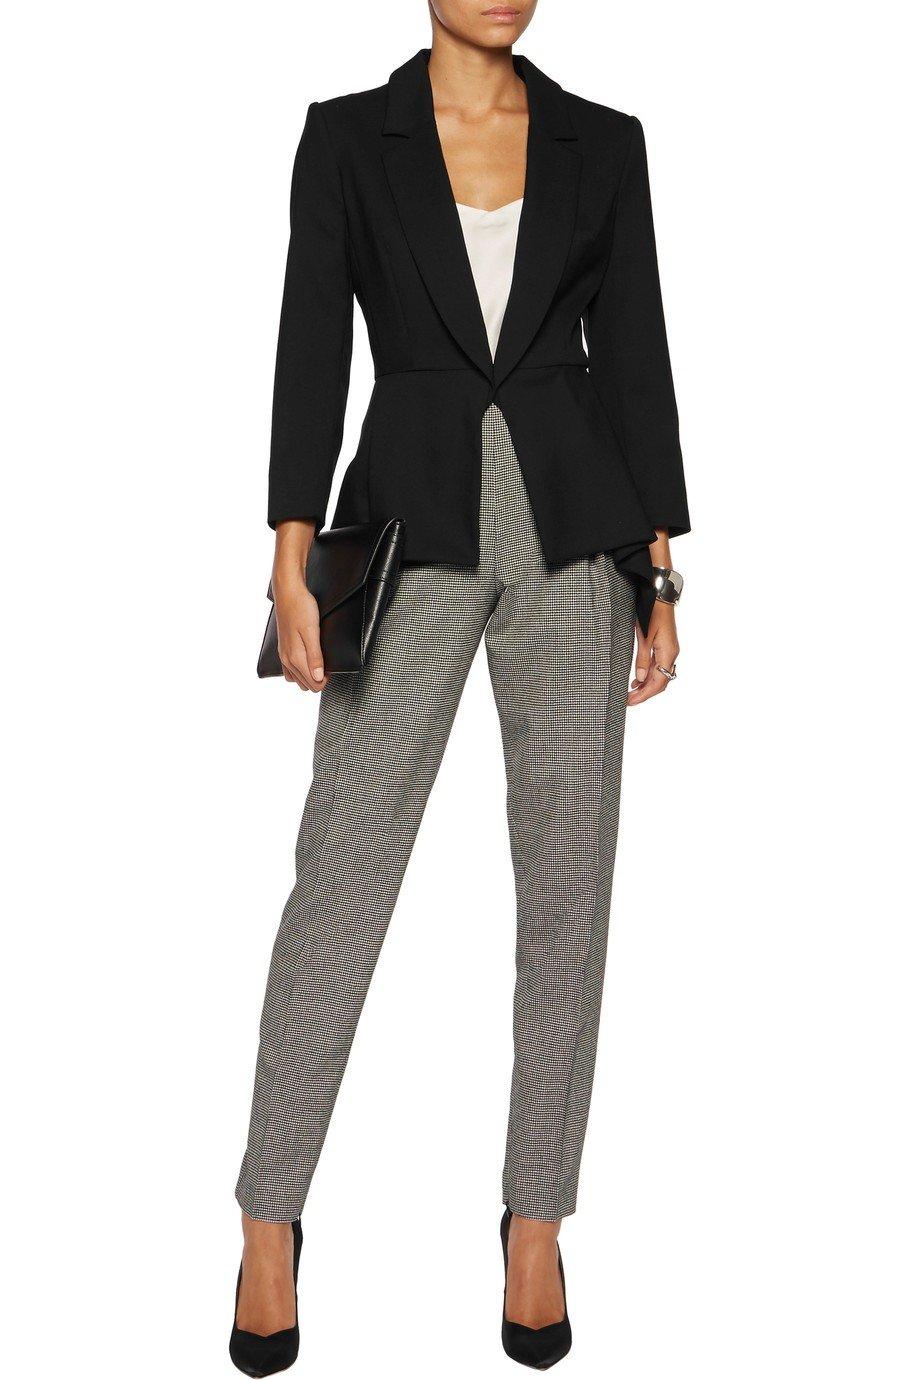 черный женский пиджак женский на одной пуговице 2018 года фото новинки модные тенденции